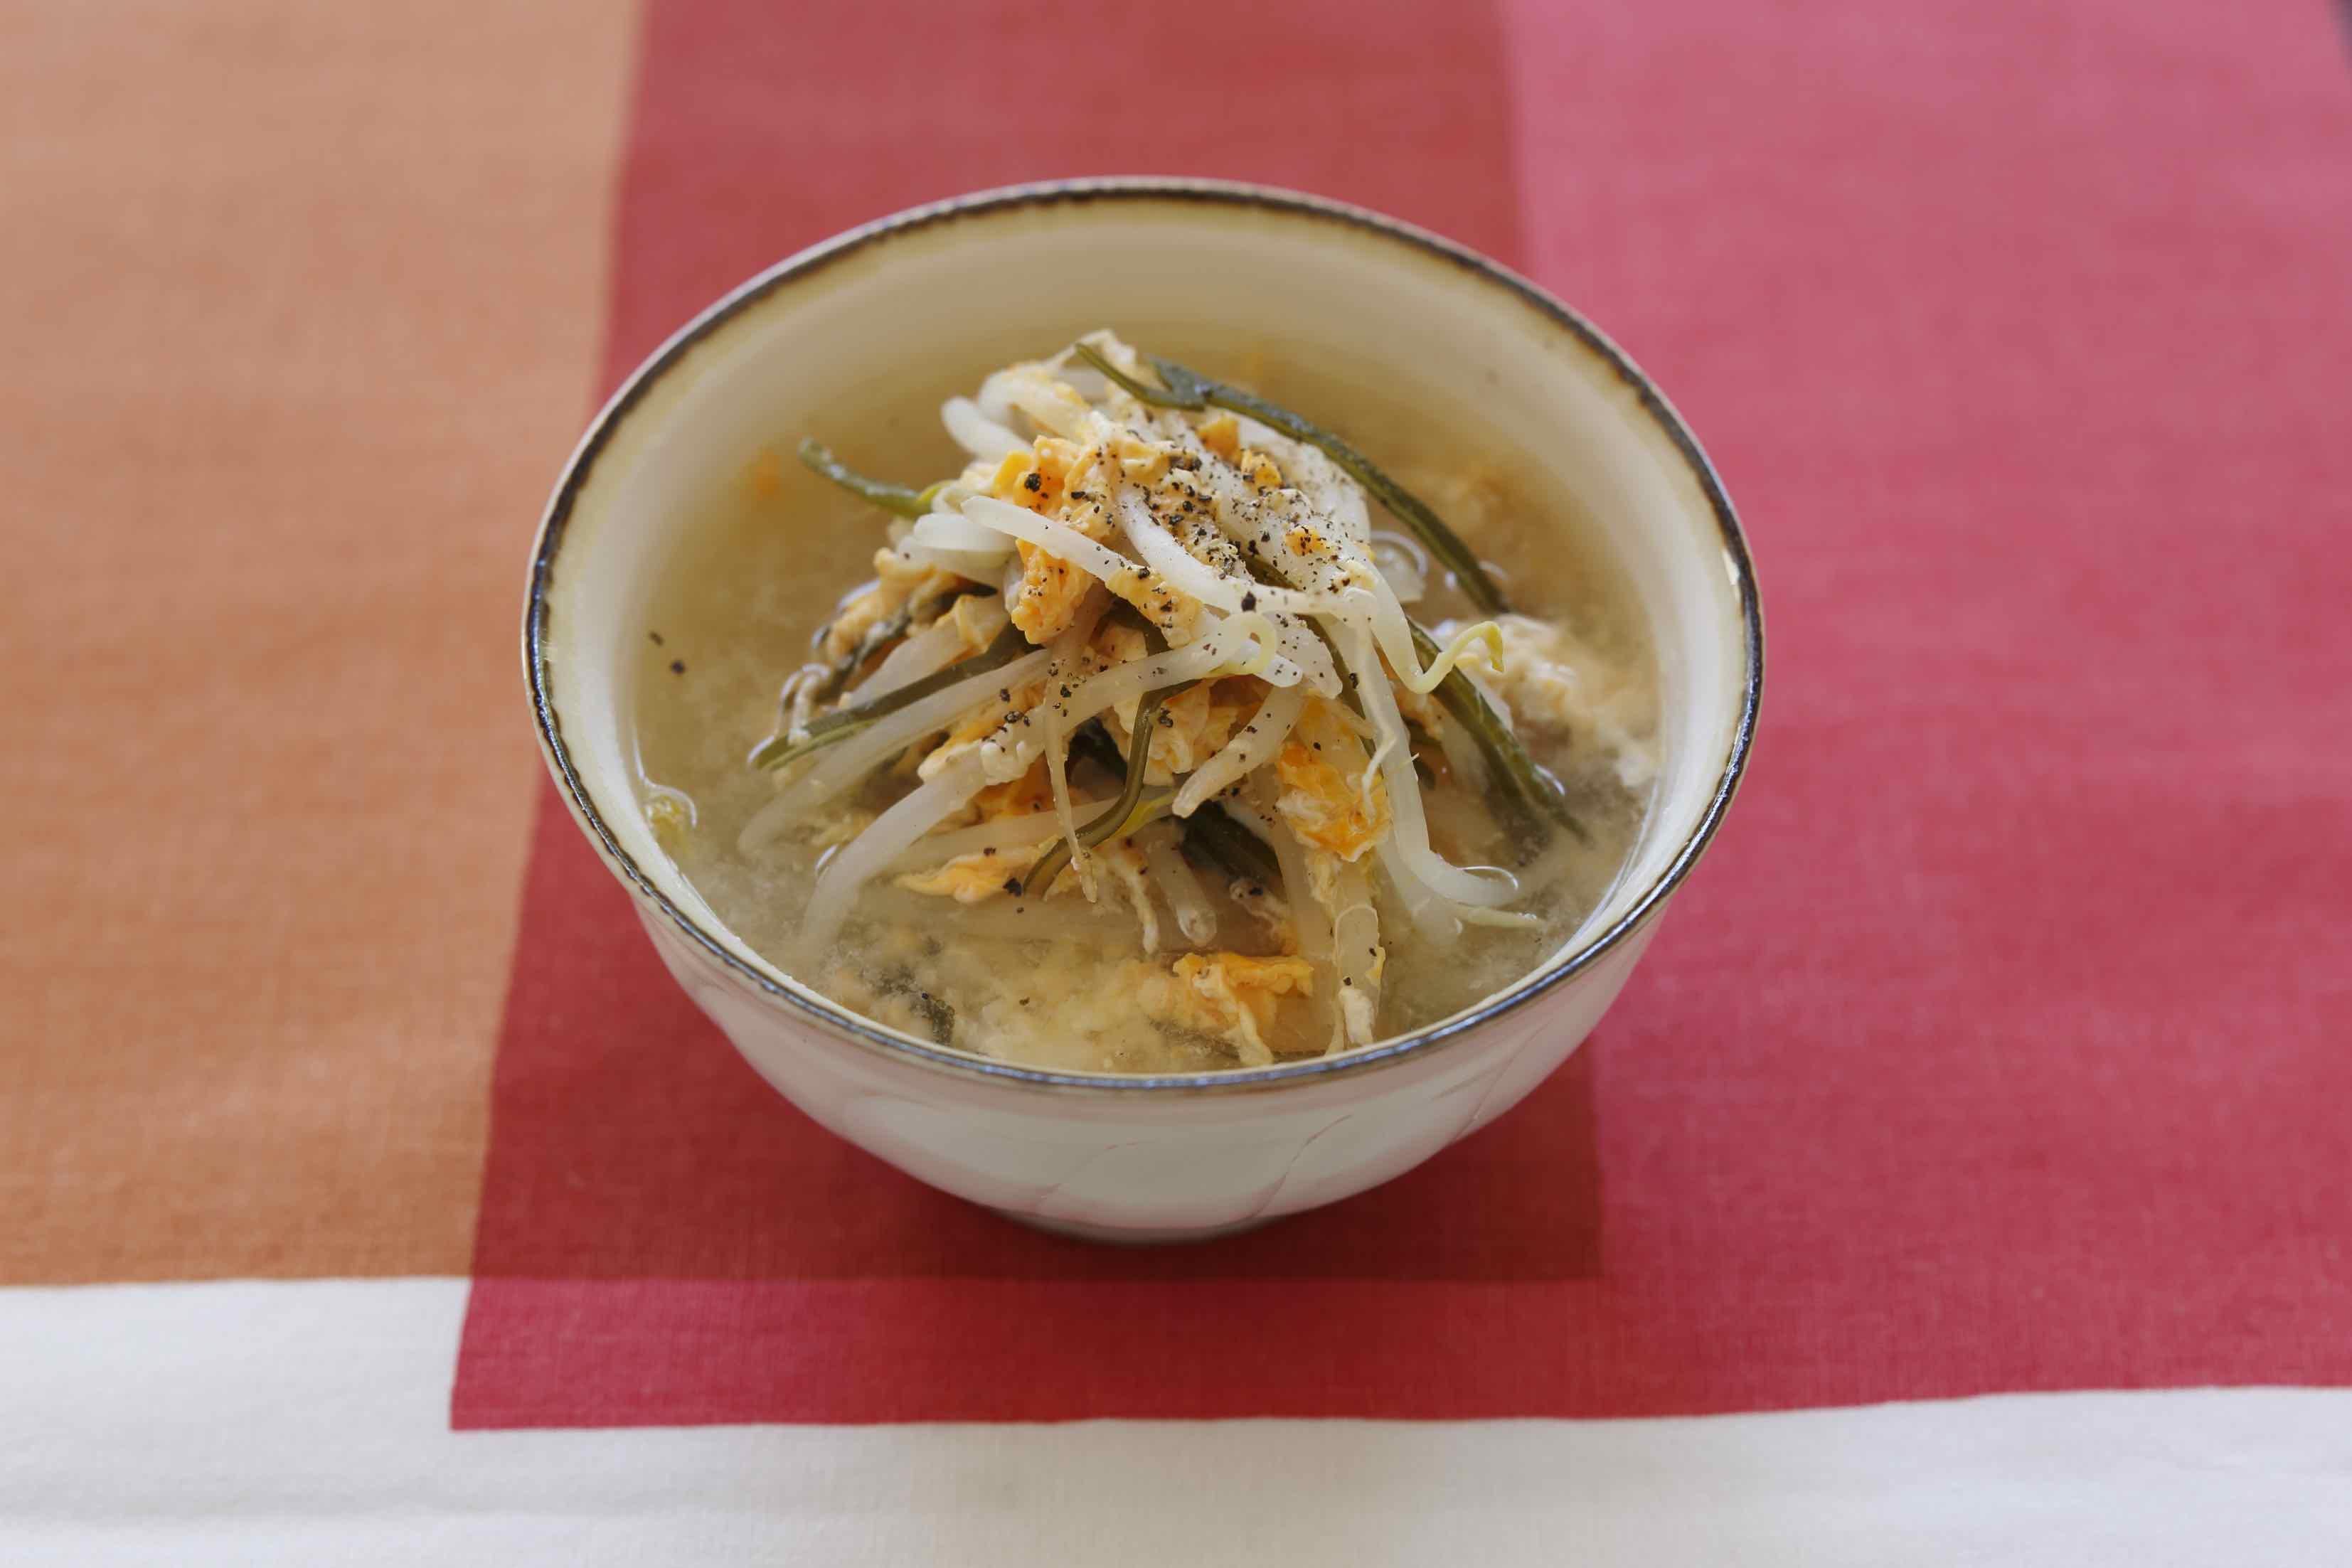 夏こそ麹を使ったあったかスープを。「発酵食パワー」で免疫力をアップ!